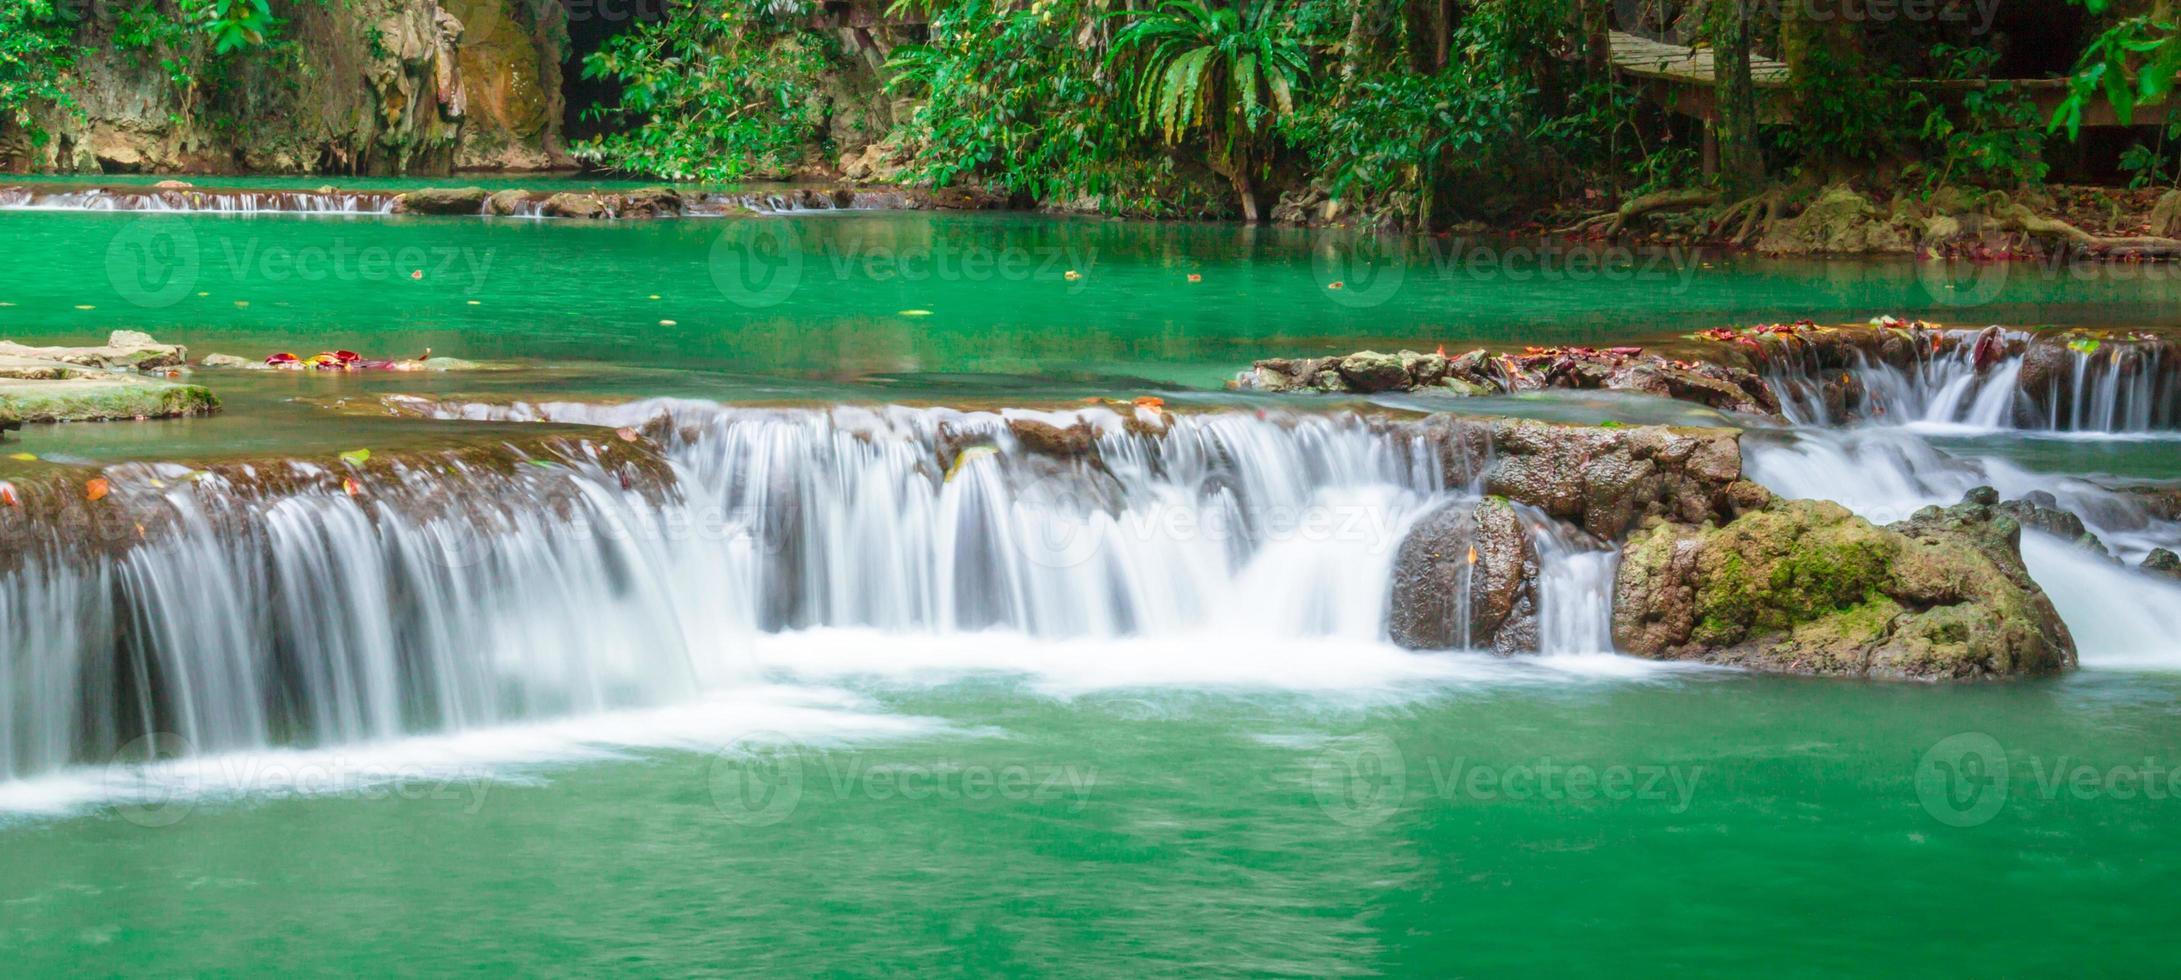 Andaman Thailand Outdoor-Fotografie von Wasserfall foto